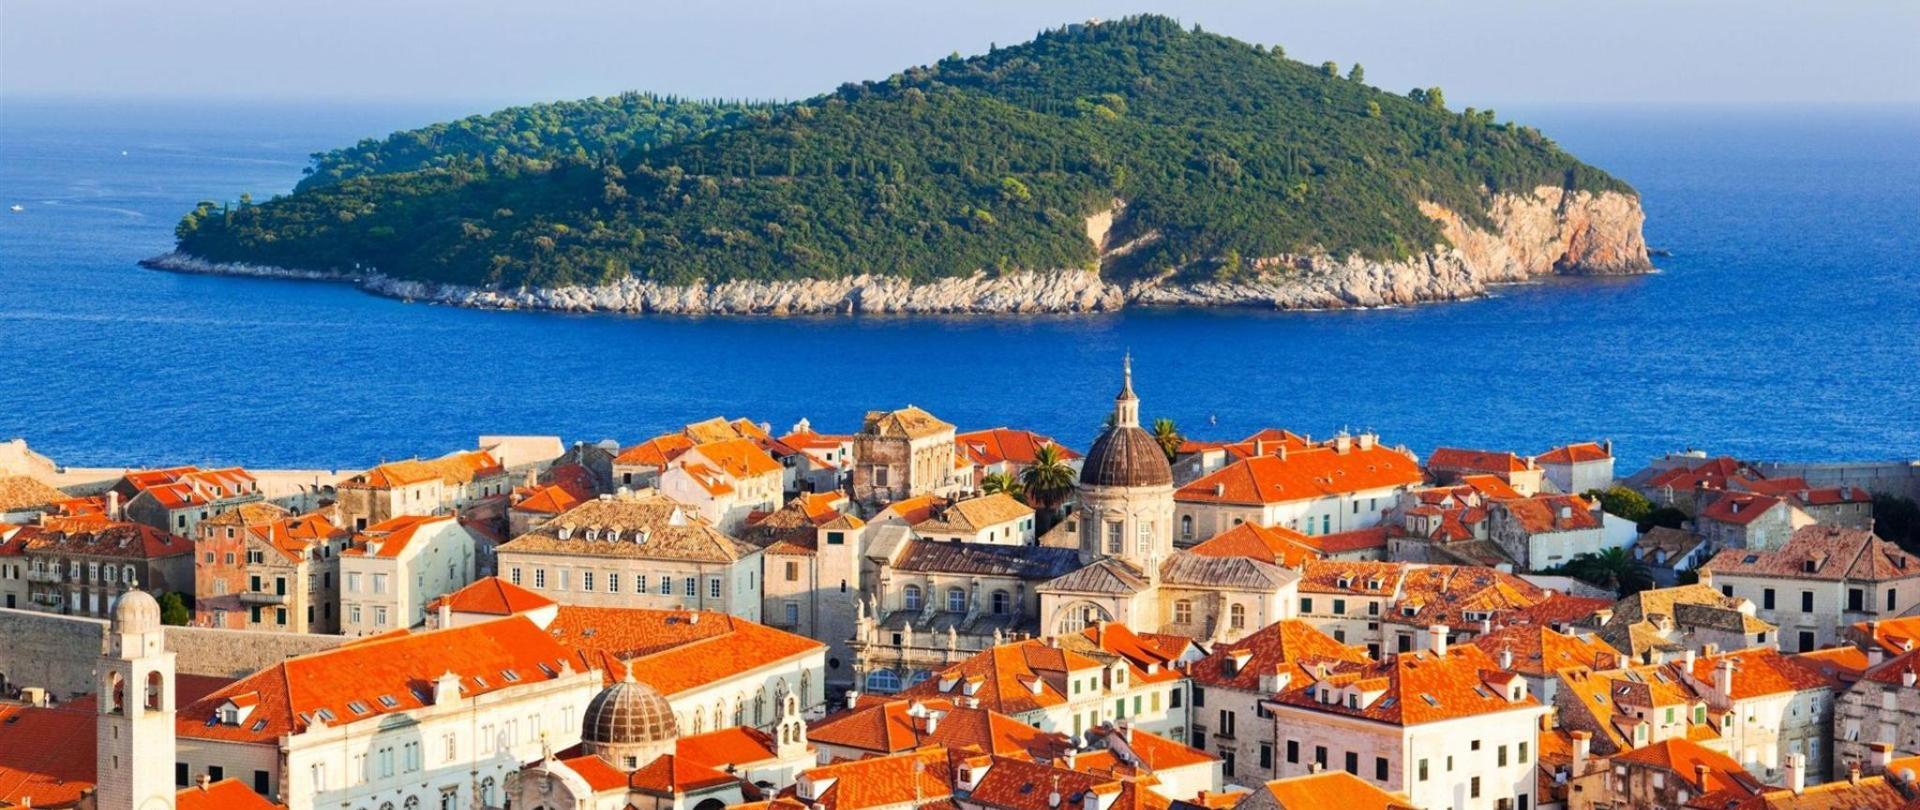 dubrovnik-and-island-in-croatia.jpg